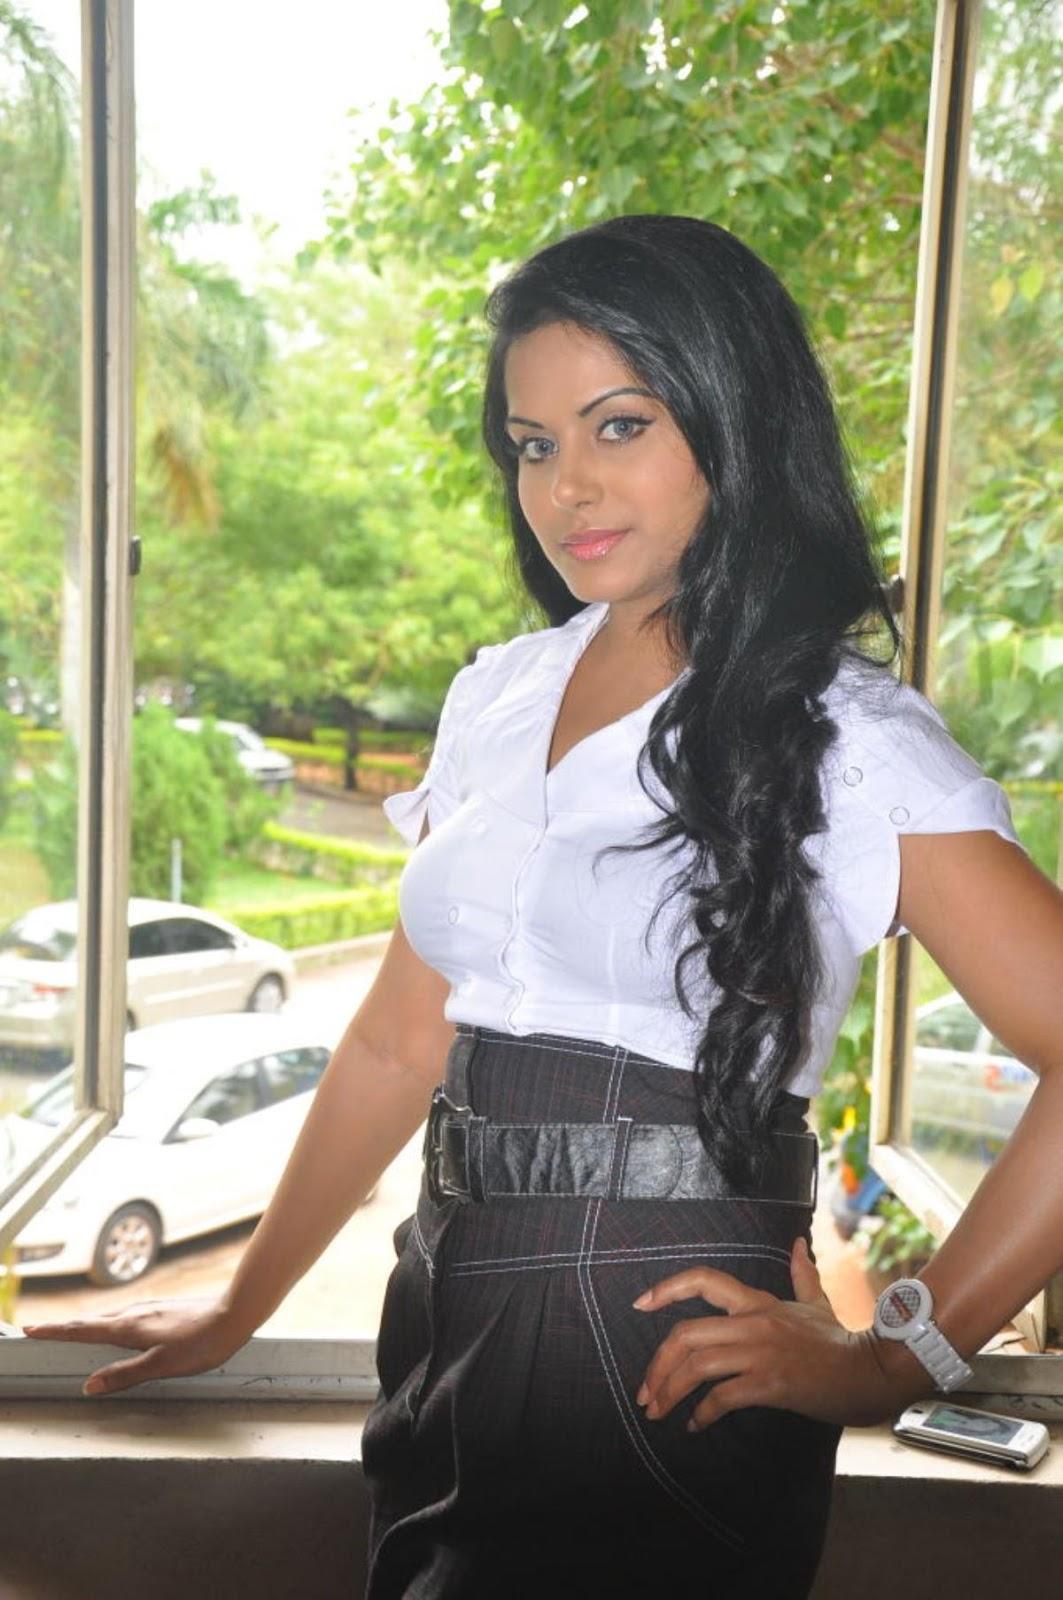 ரக்ஷனா மௌரியா | RACHANA MOURYA Rachan10